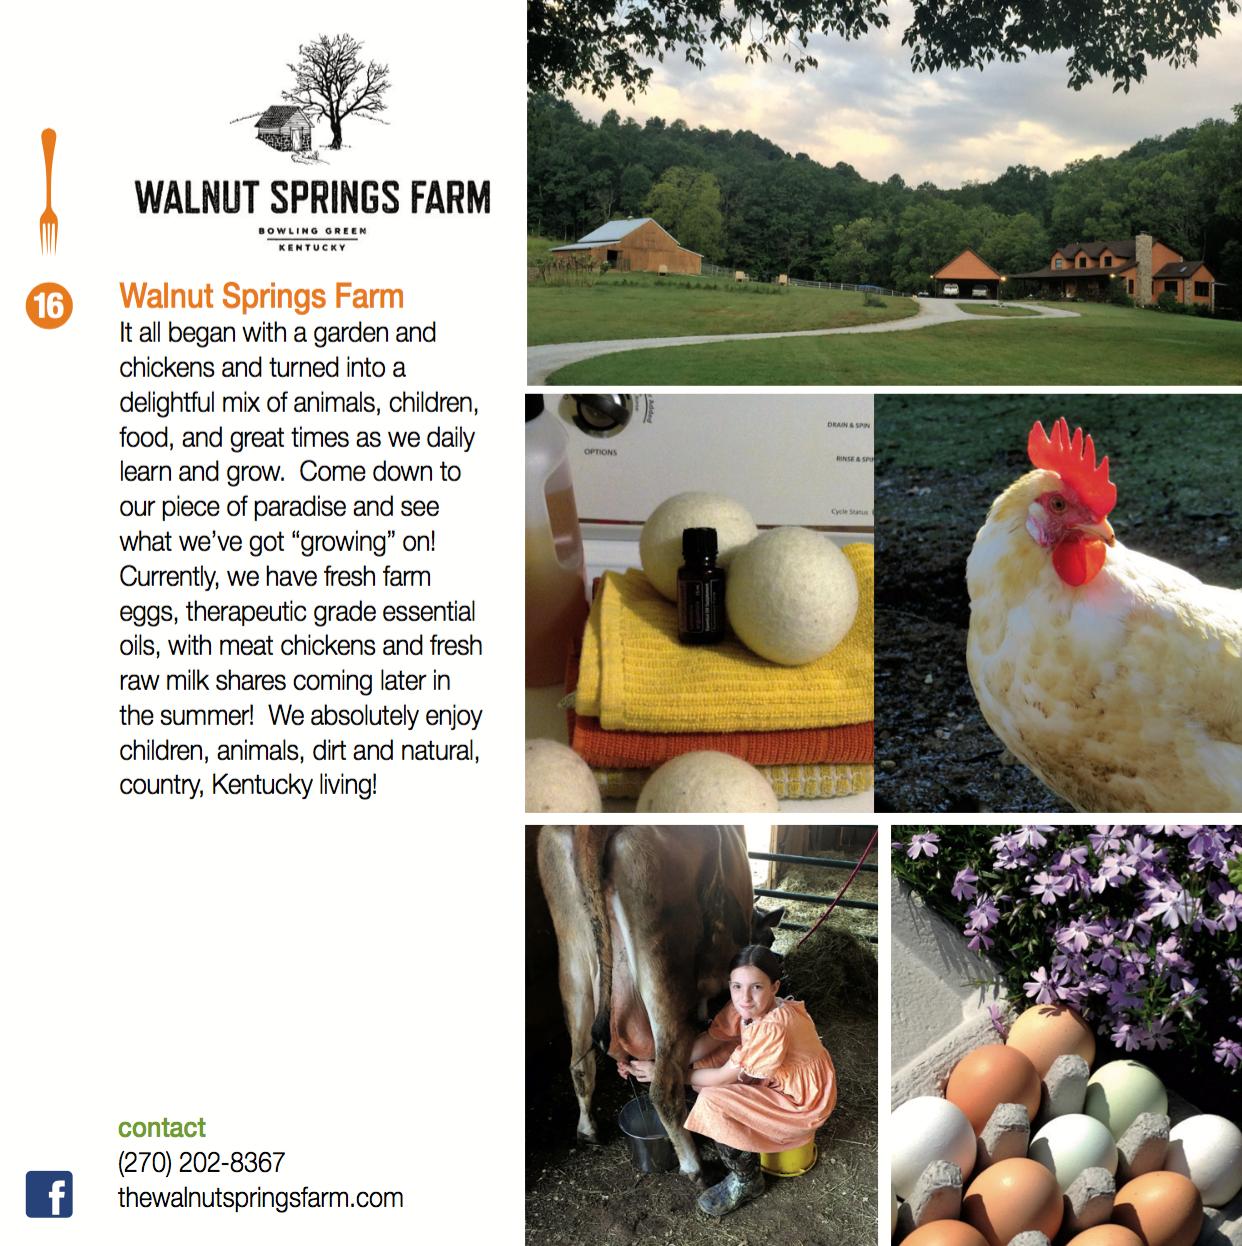 Walnut Springs Farm